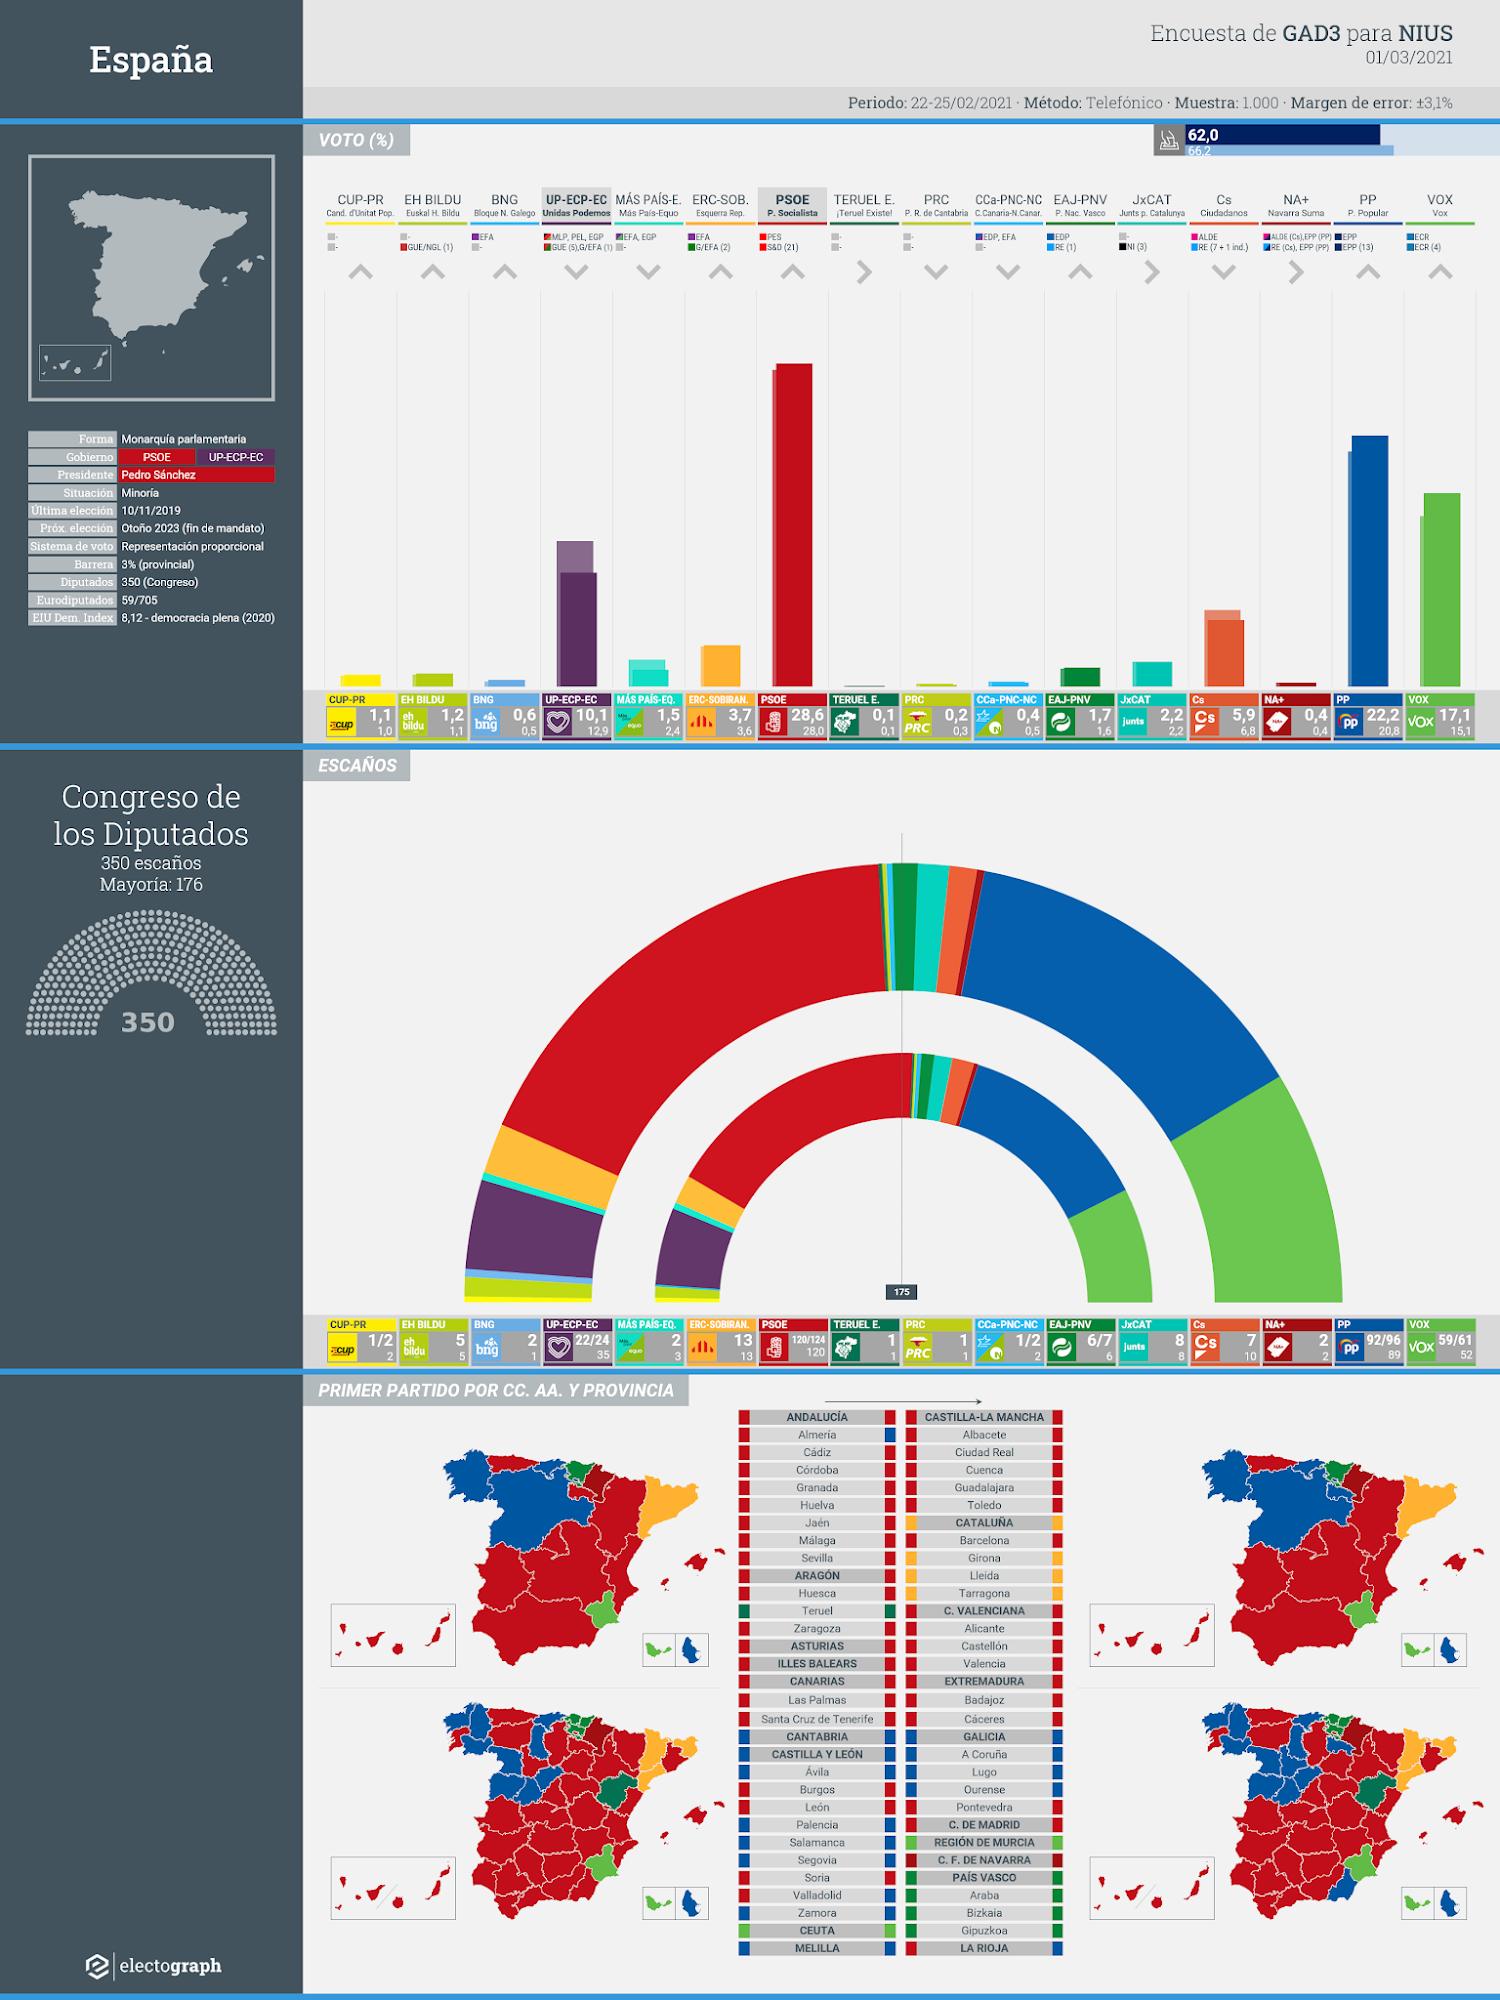 Gráfico de la encuesta para elecciones generales en España realizada por GAD3 para NIUS, 16 de diciembre de 2020